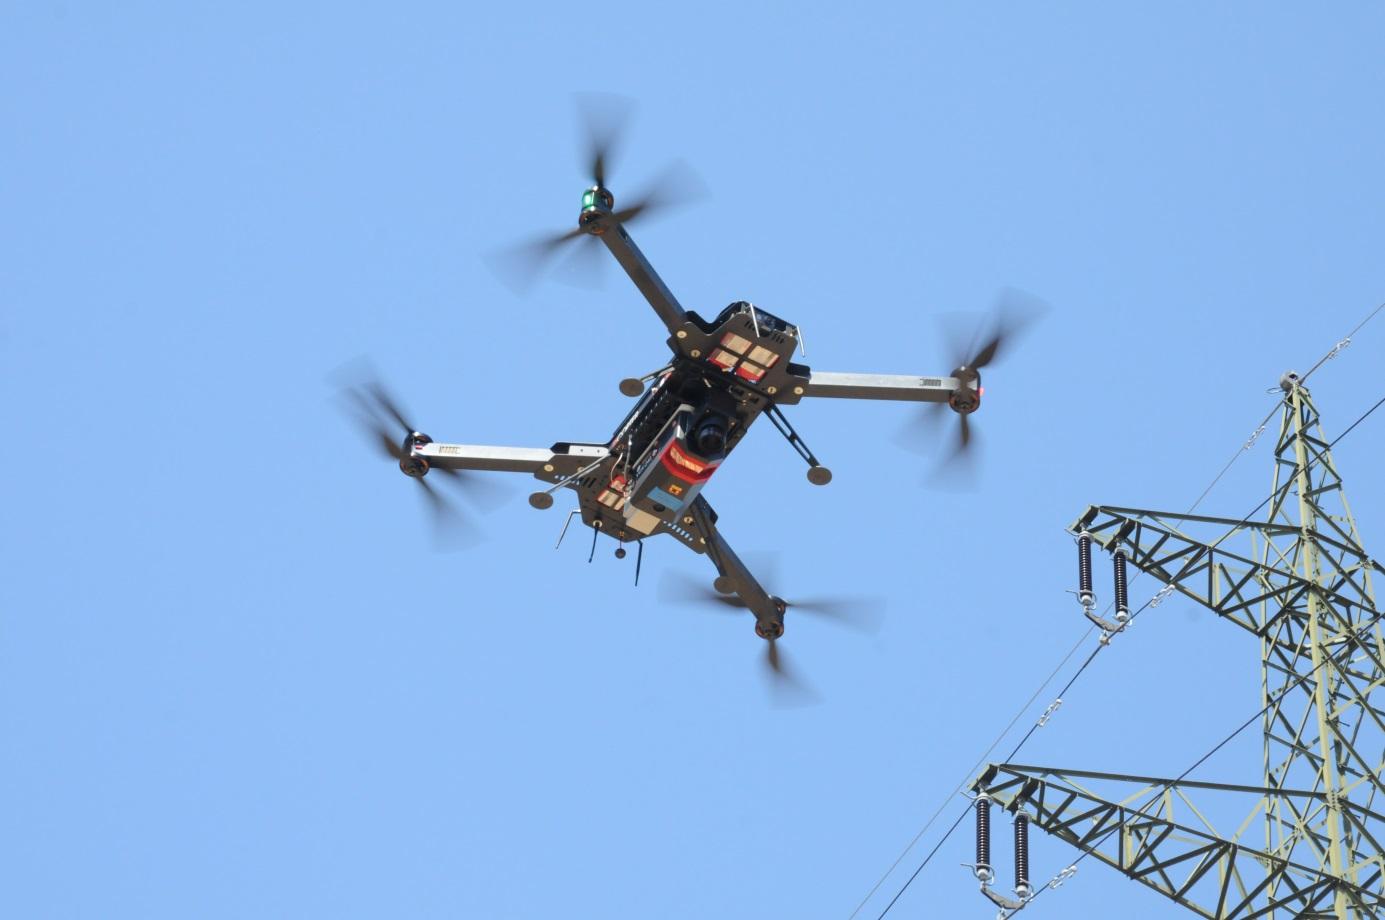 Leichtbau UAV für Vermessungstechnik der Firma Riegl